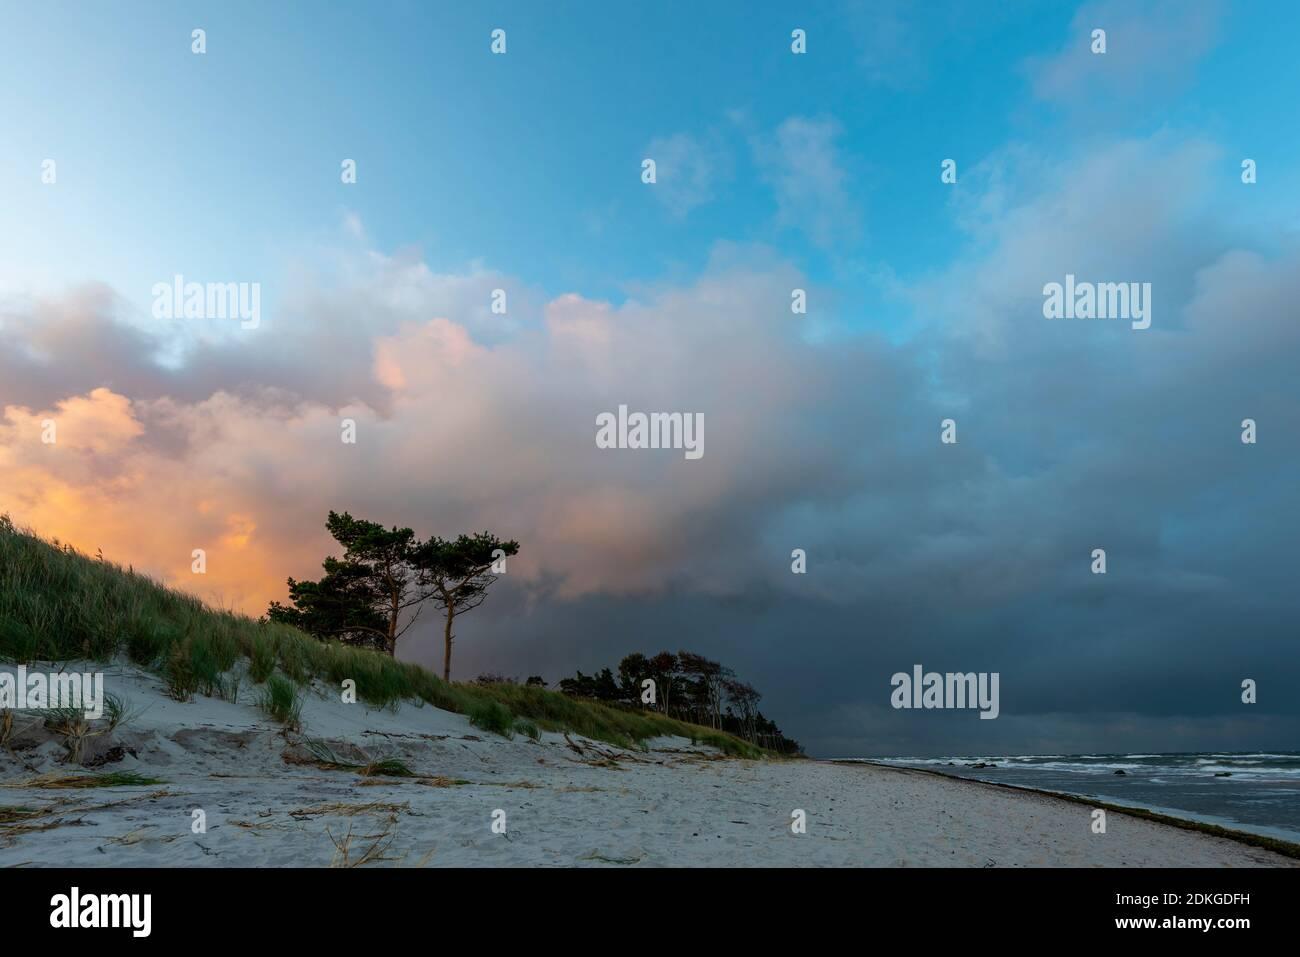 Alemania, Mecklemburgo-Pomerania Occidental, Prerow, amanecer en la playa oeste, Mar Báltico Foto de stock